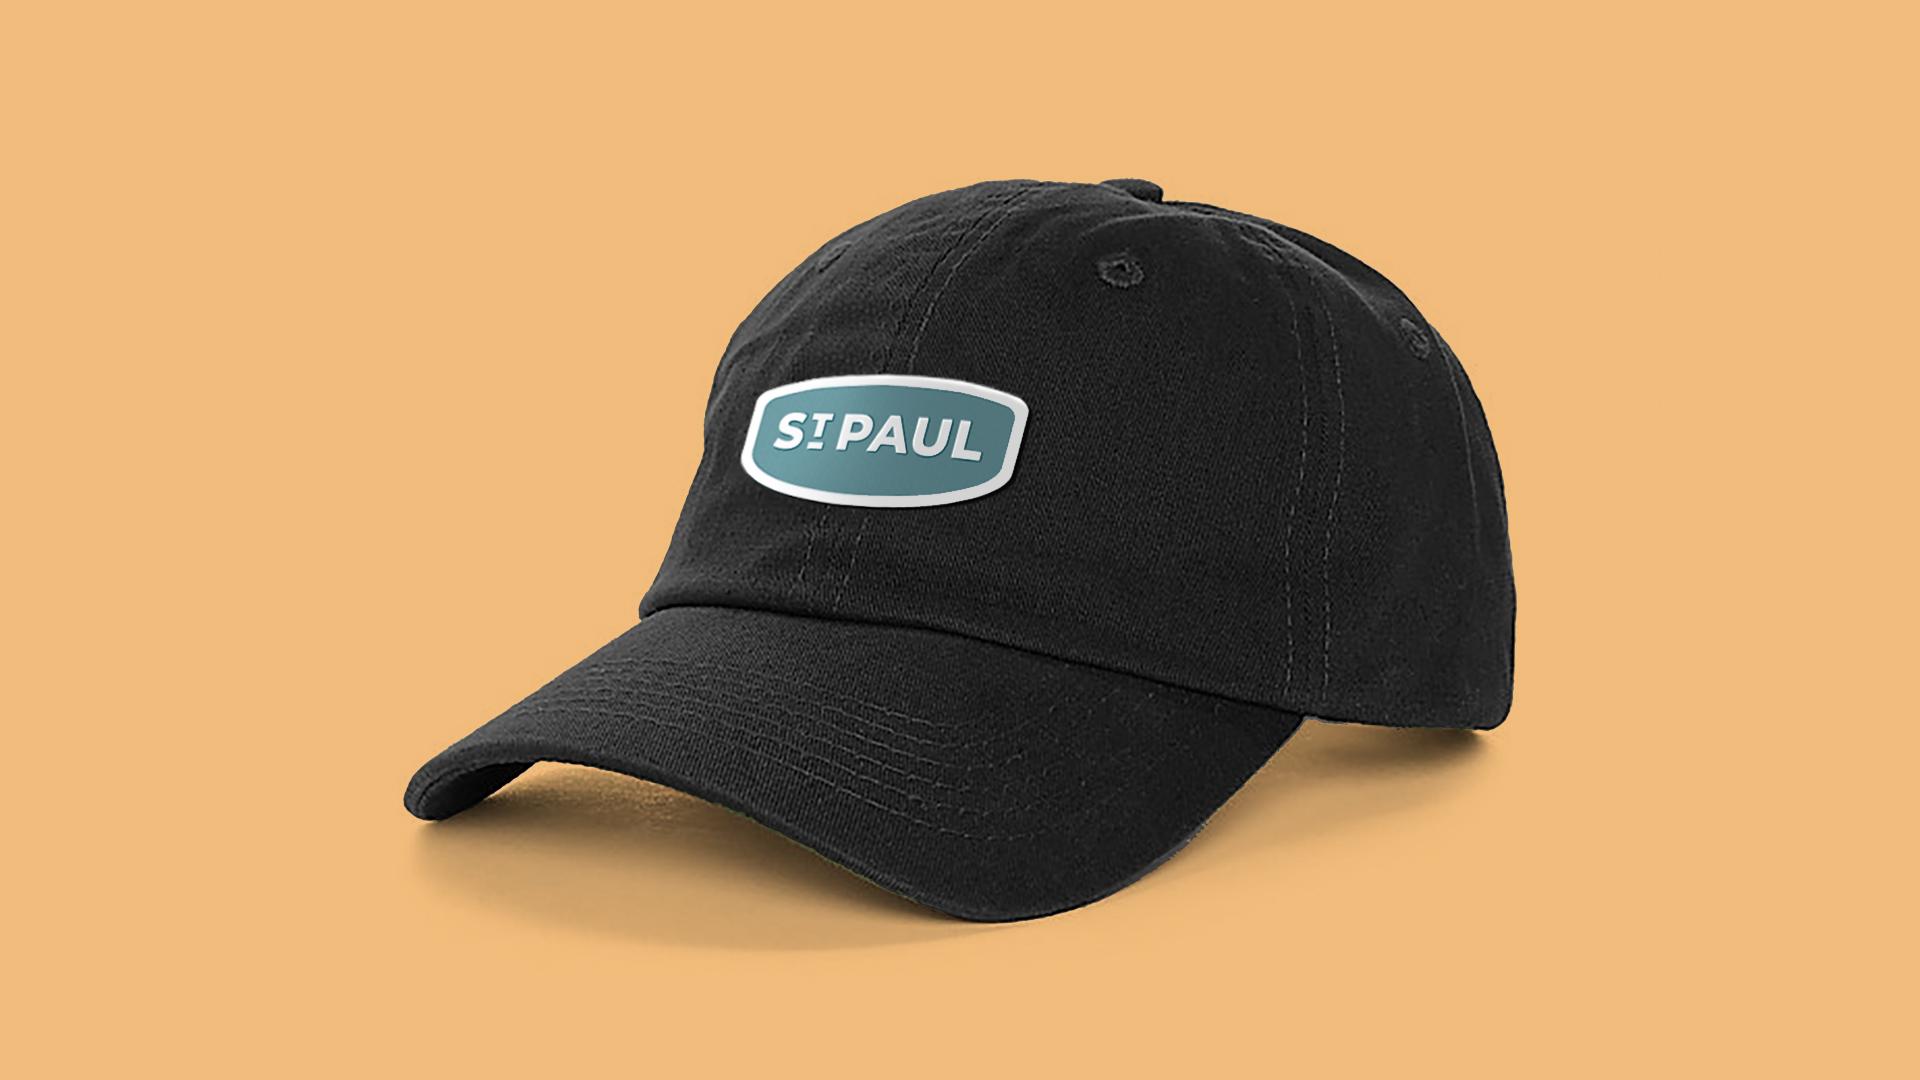 Image of St. Paul, Nebraska branded hat.